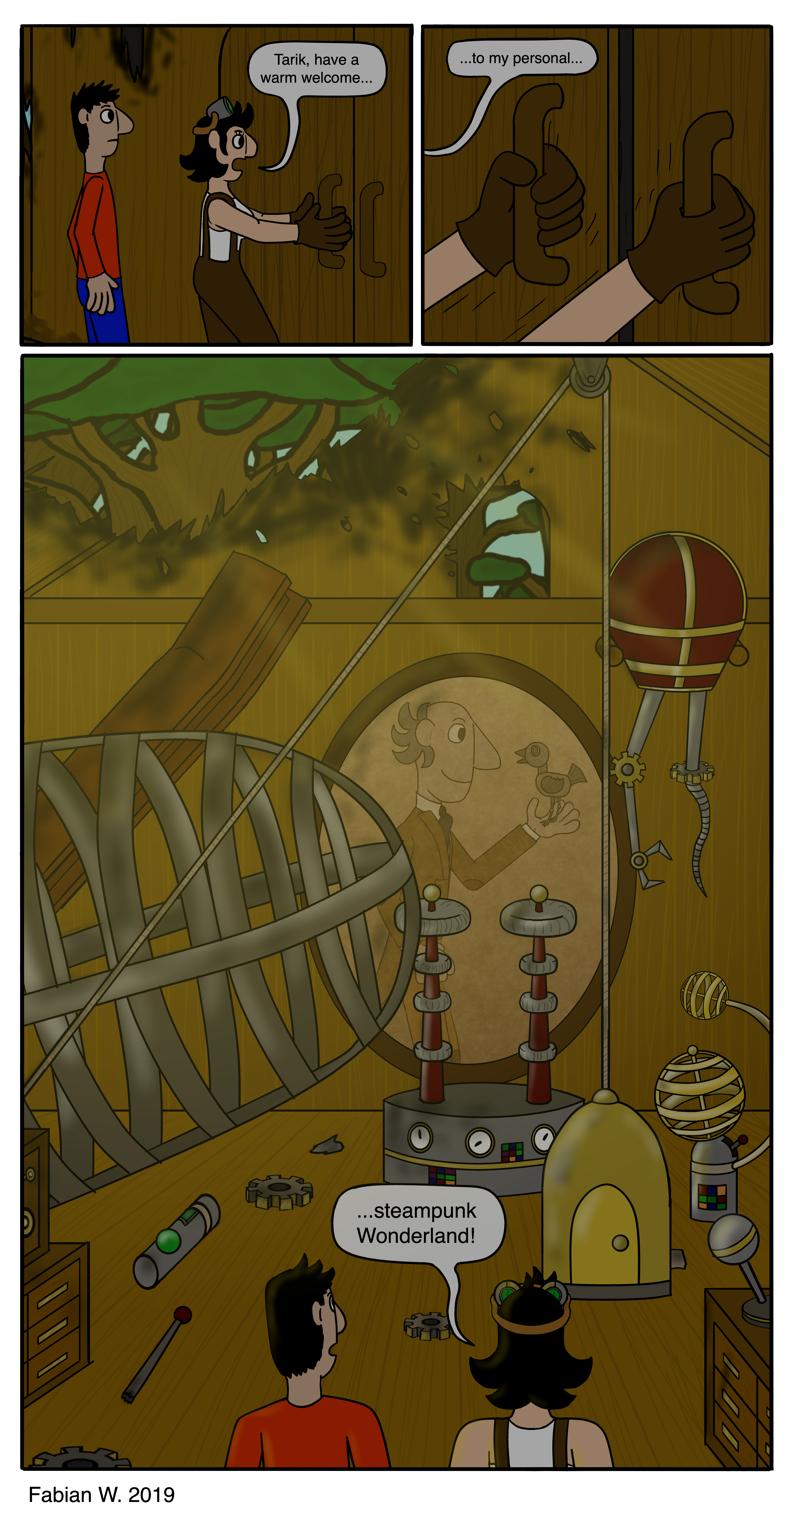 Steampunk Wonderland